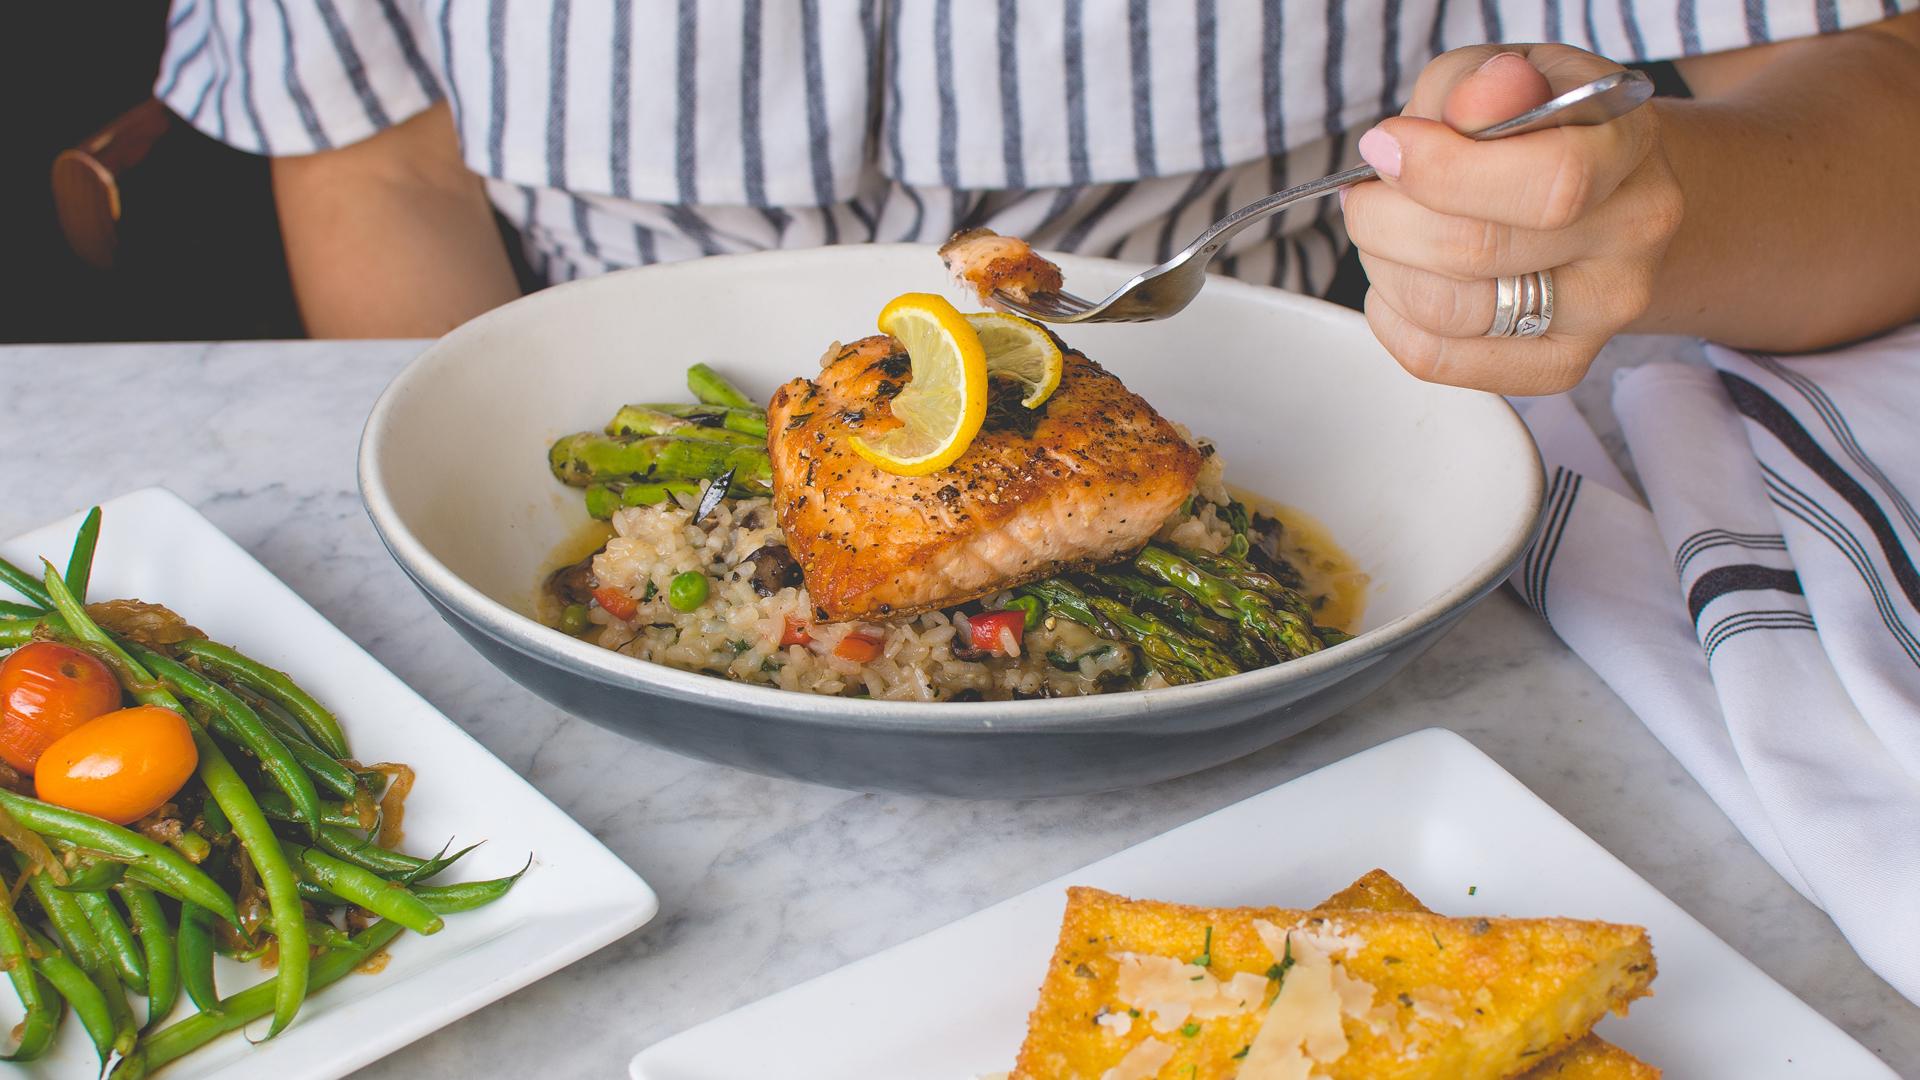 Mittagessen Lachs auf Reis auf einem Teller